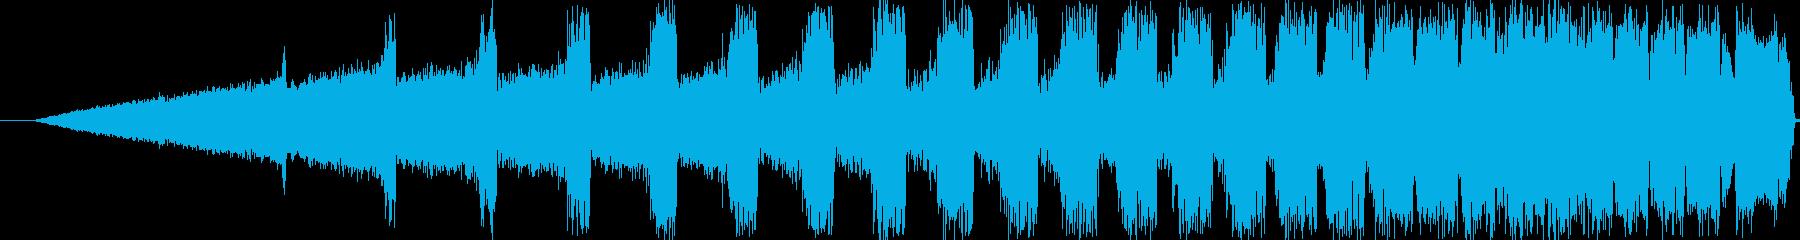 【ぴよぴよぴよ/電子音/機械/未来】の再生済みの波形